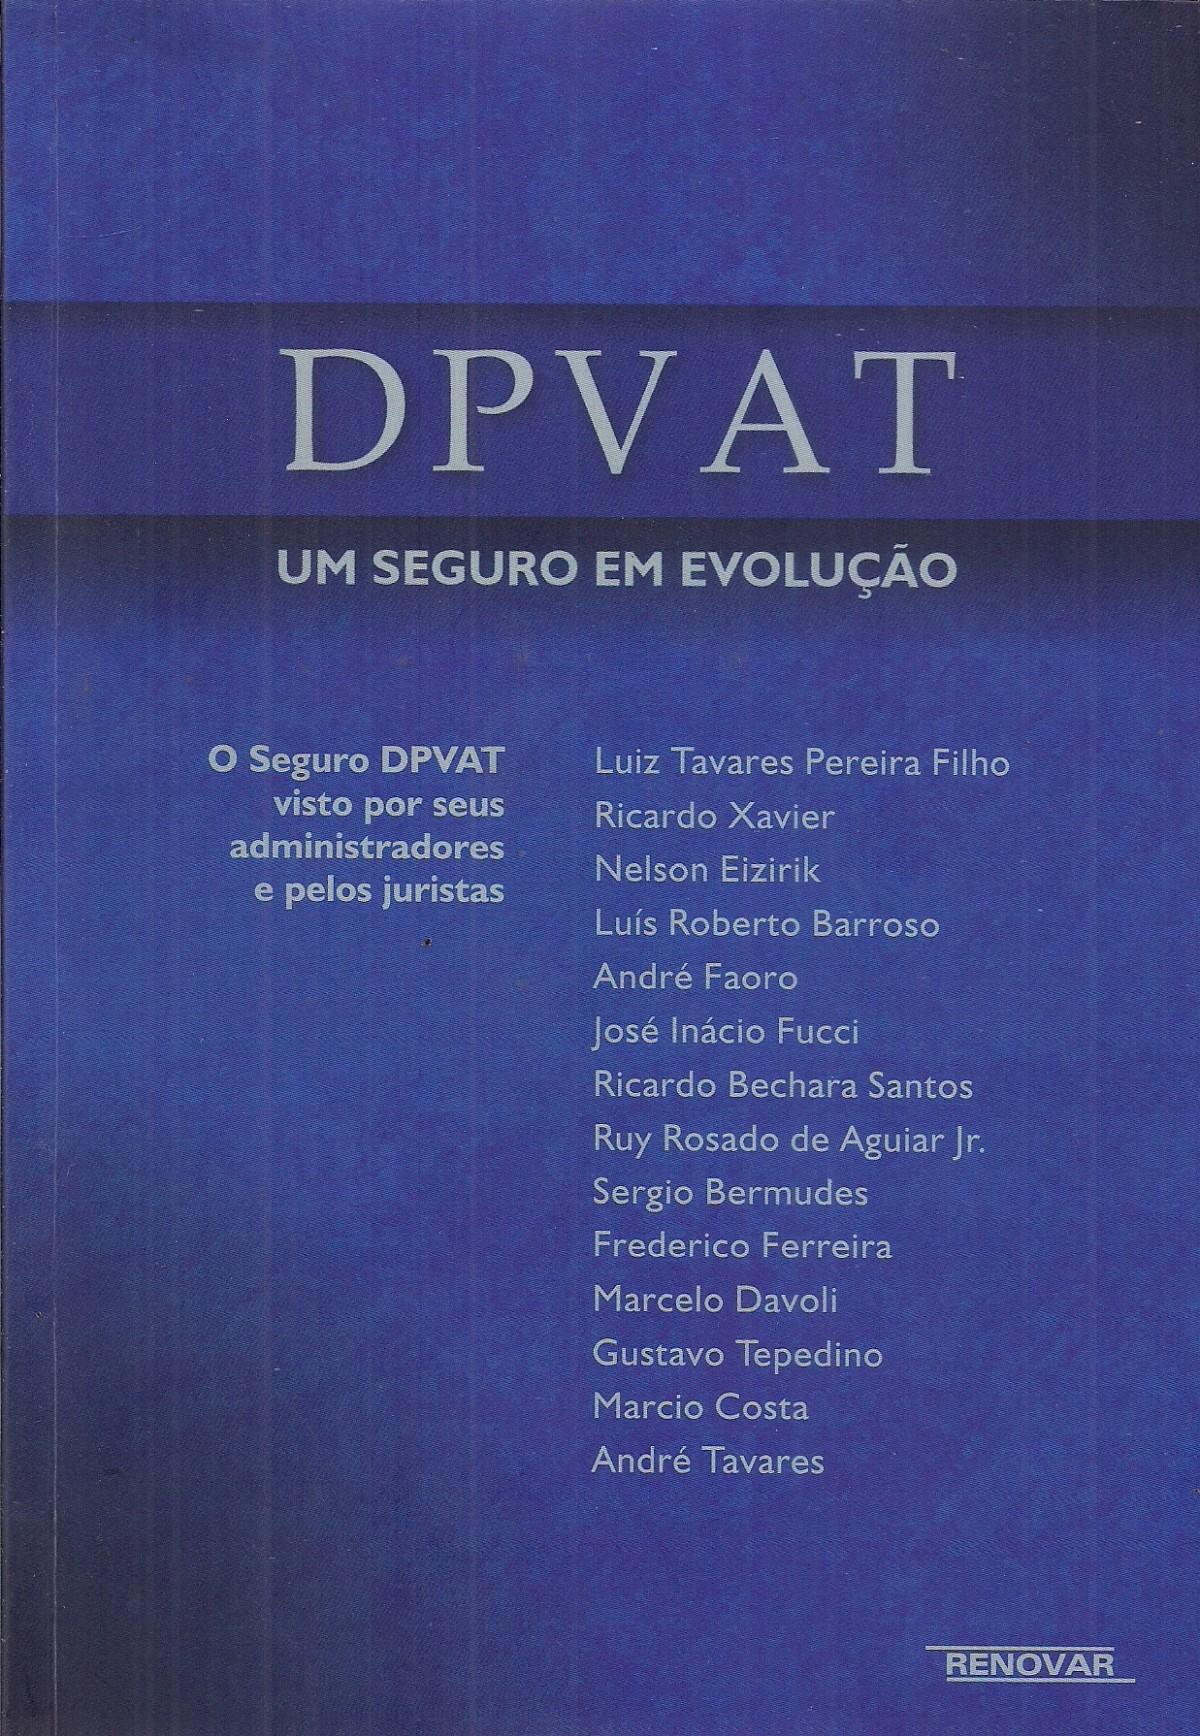 Foto 1 - DPVAT: Um Seguro em Evolução